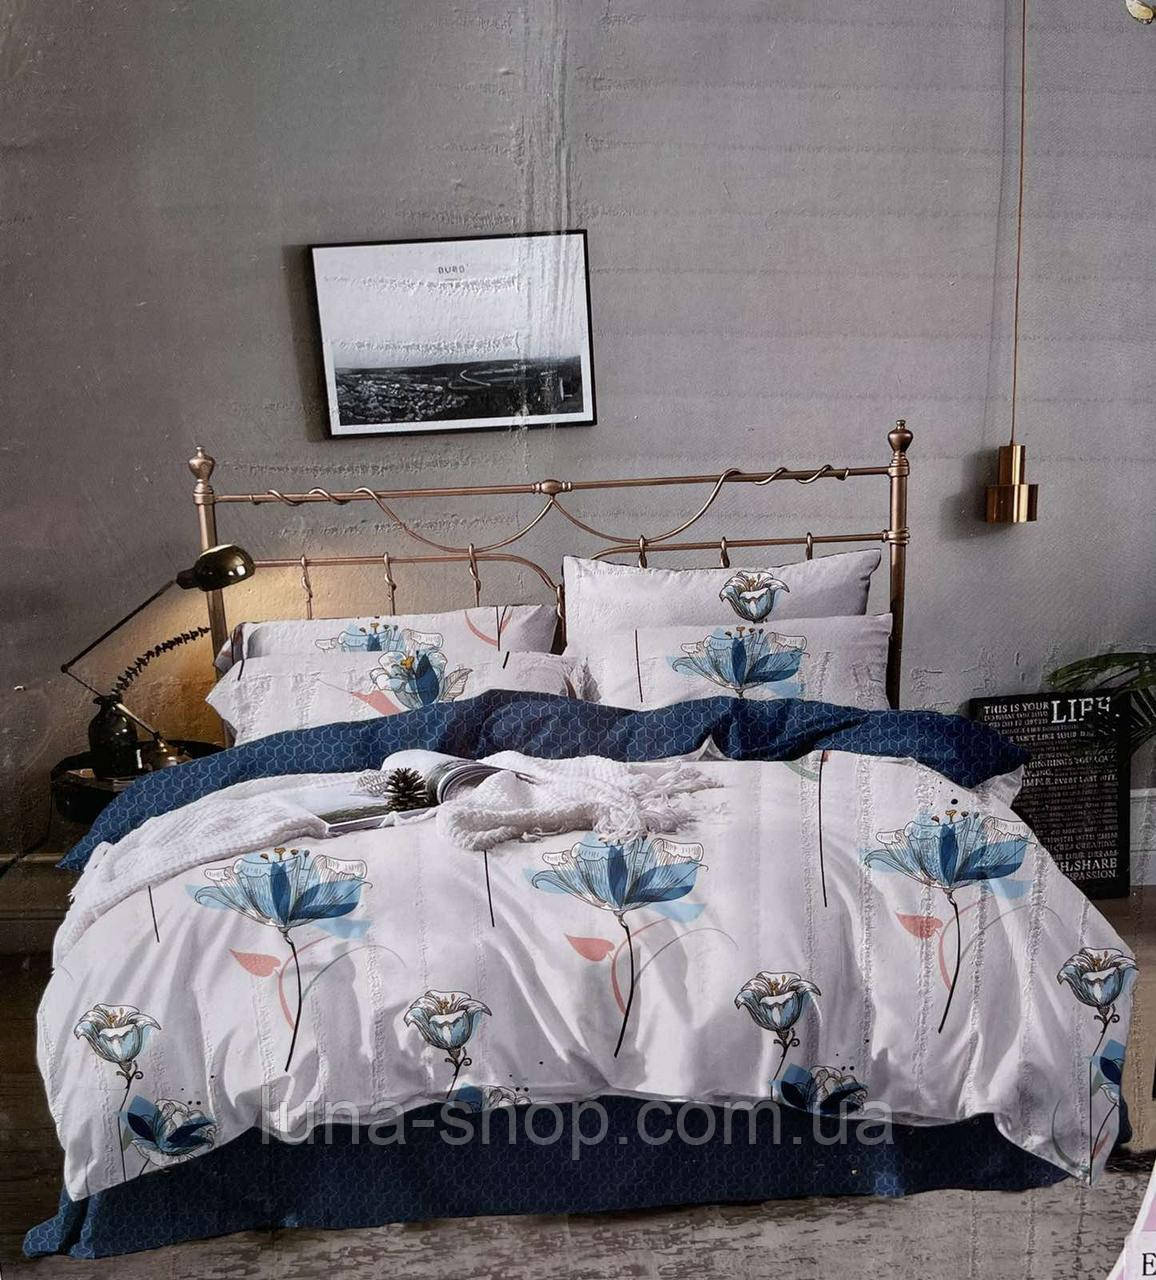 Фланелевый (байковый) постельный еврокомплект  Голубой цветок, Польша, хлопок 100%